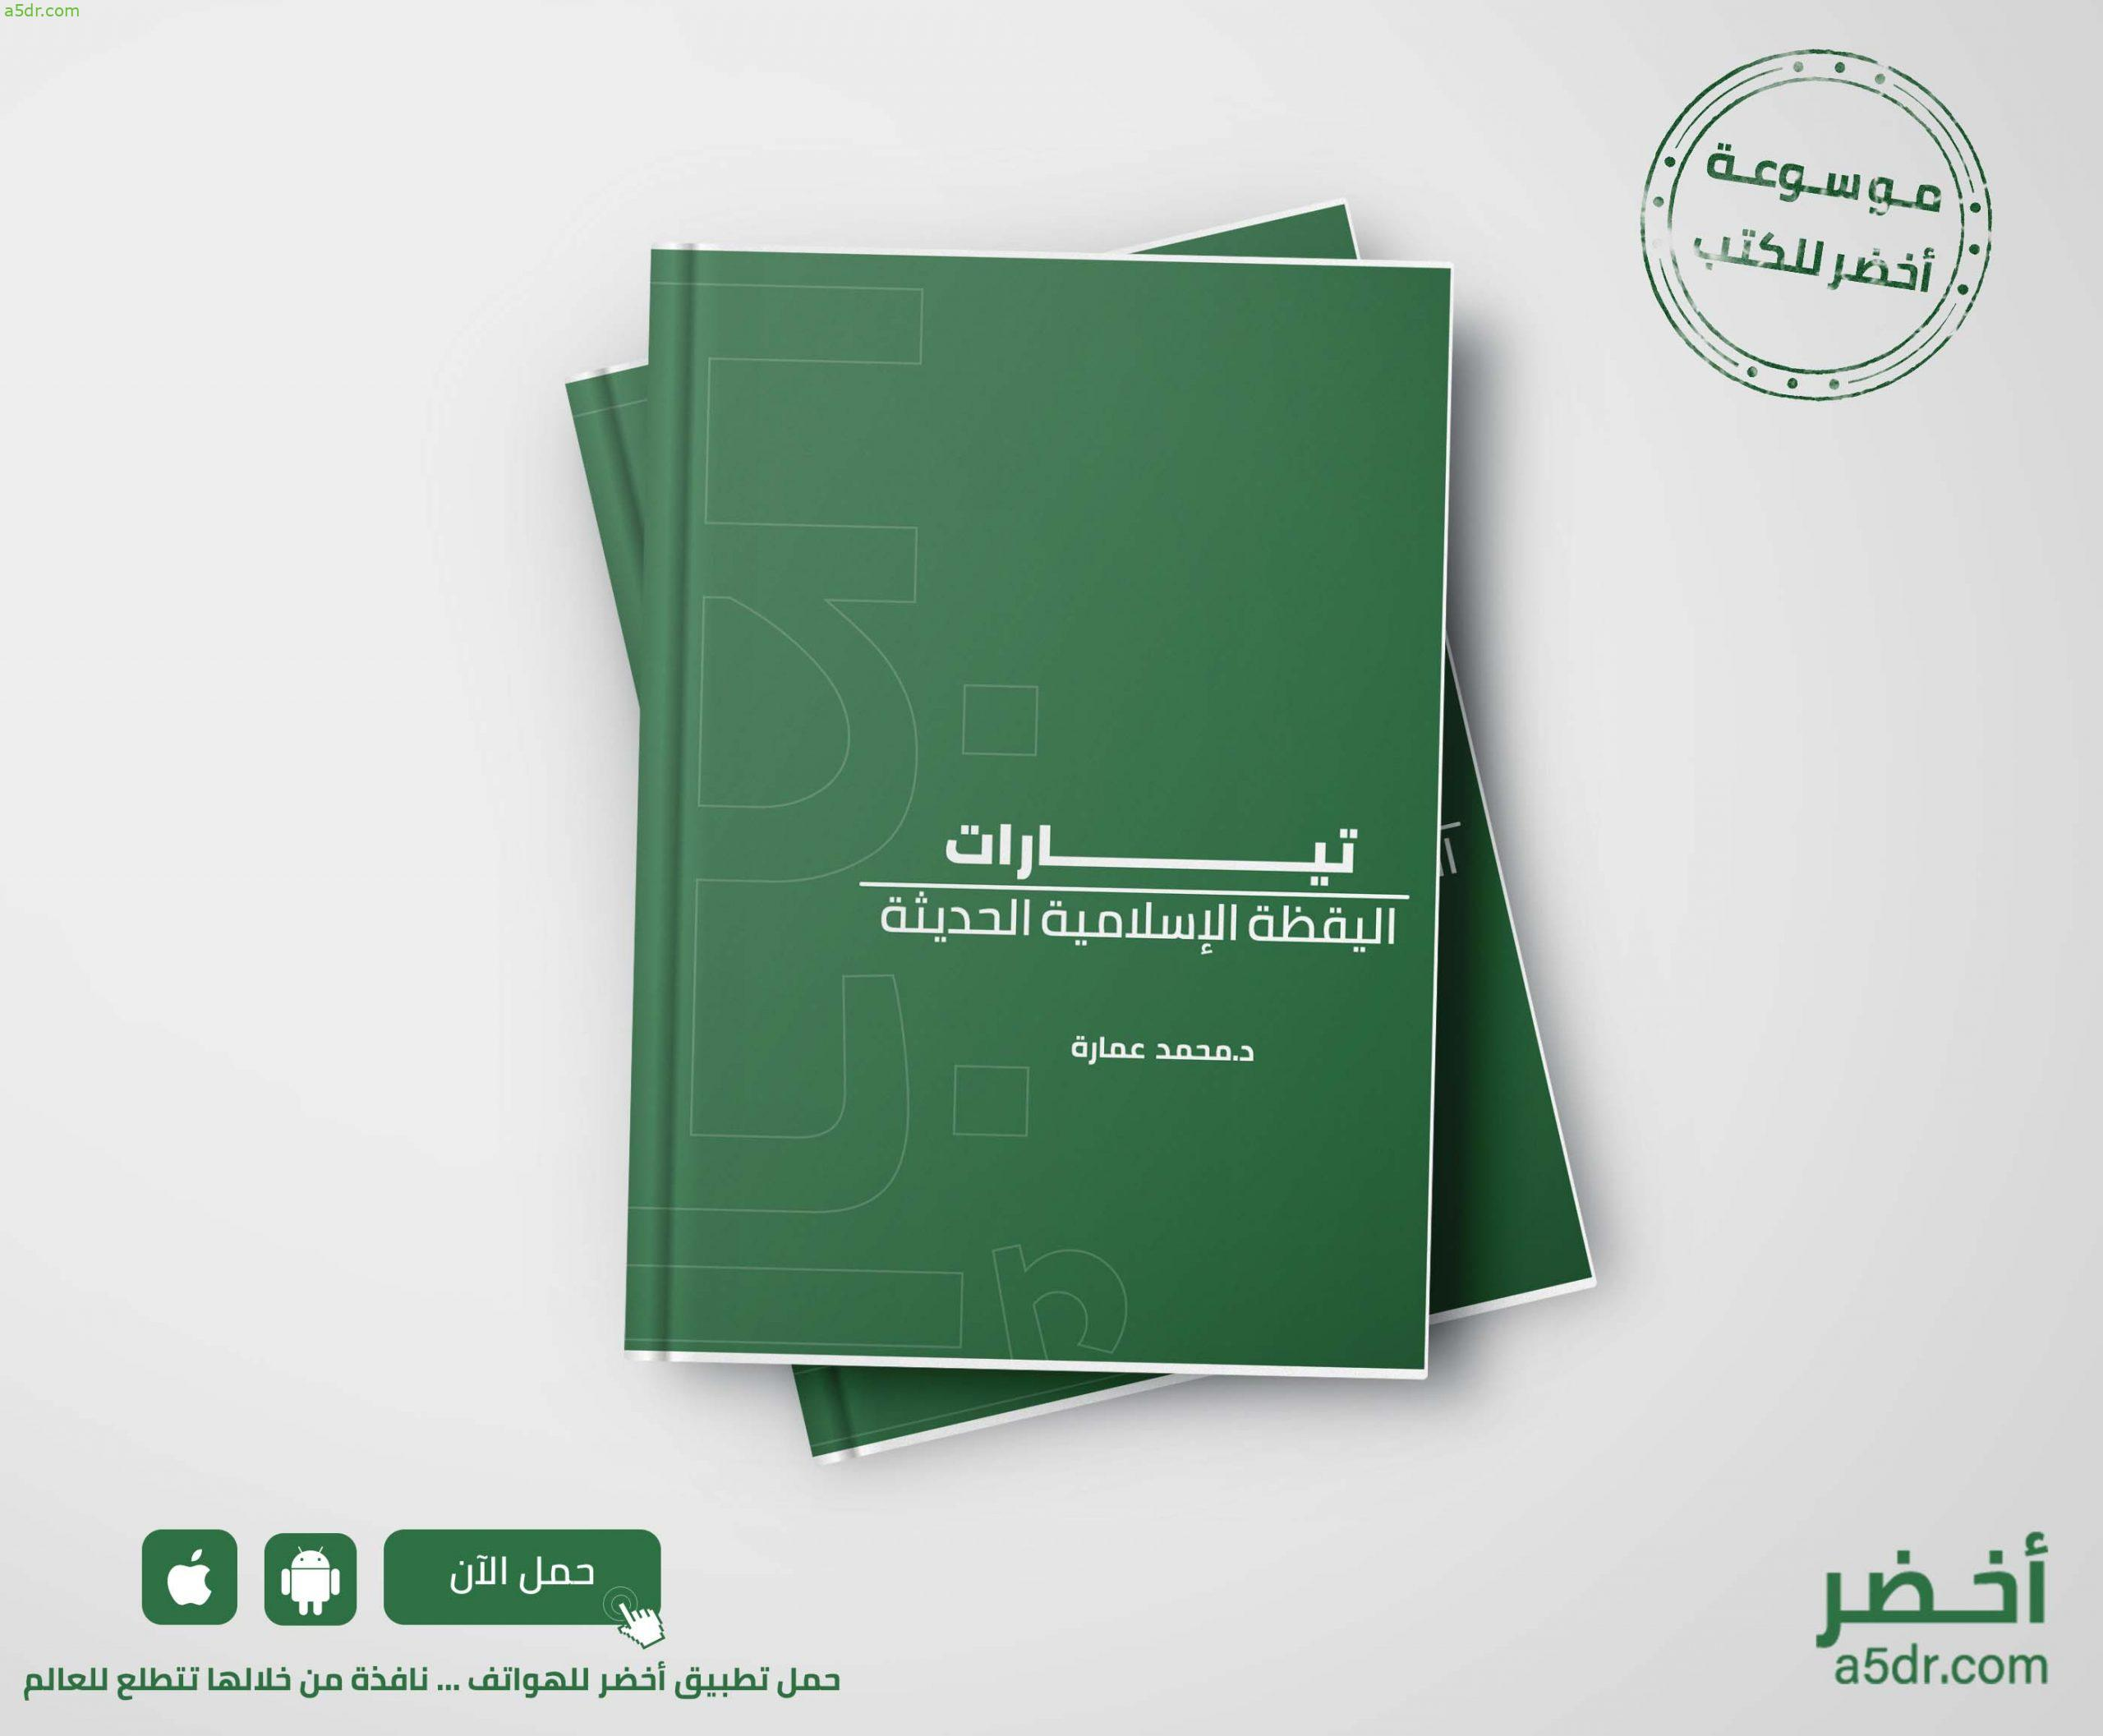 كتاب تيارات اليقظة الإسلامية الحديثة - محمد عمارة